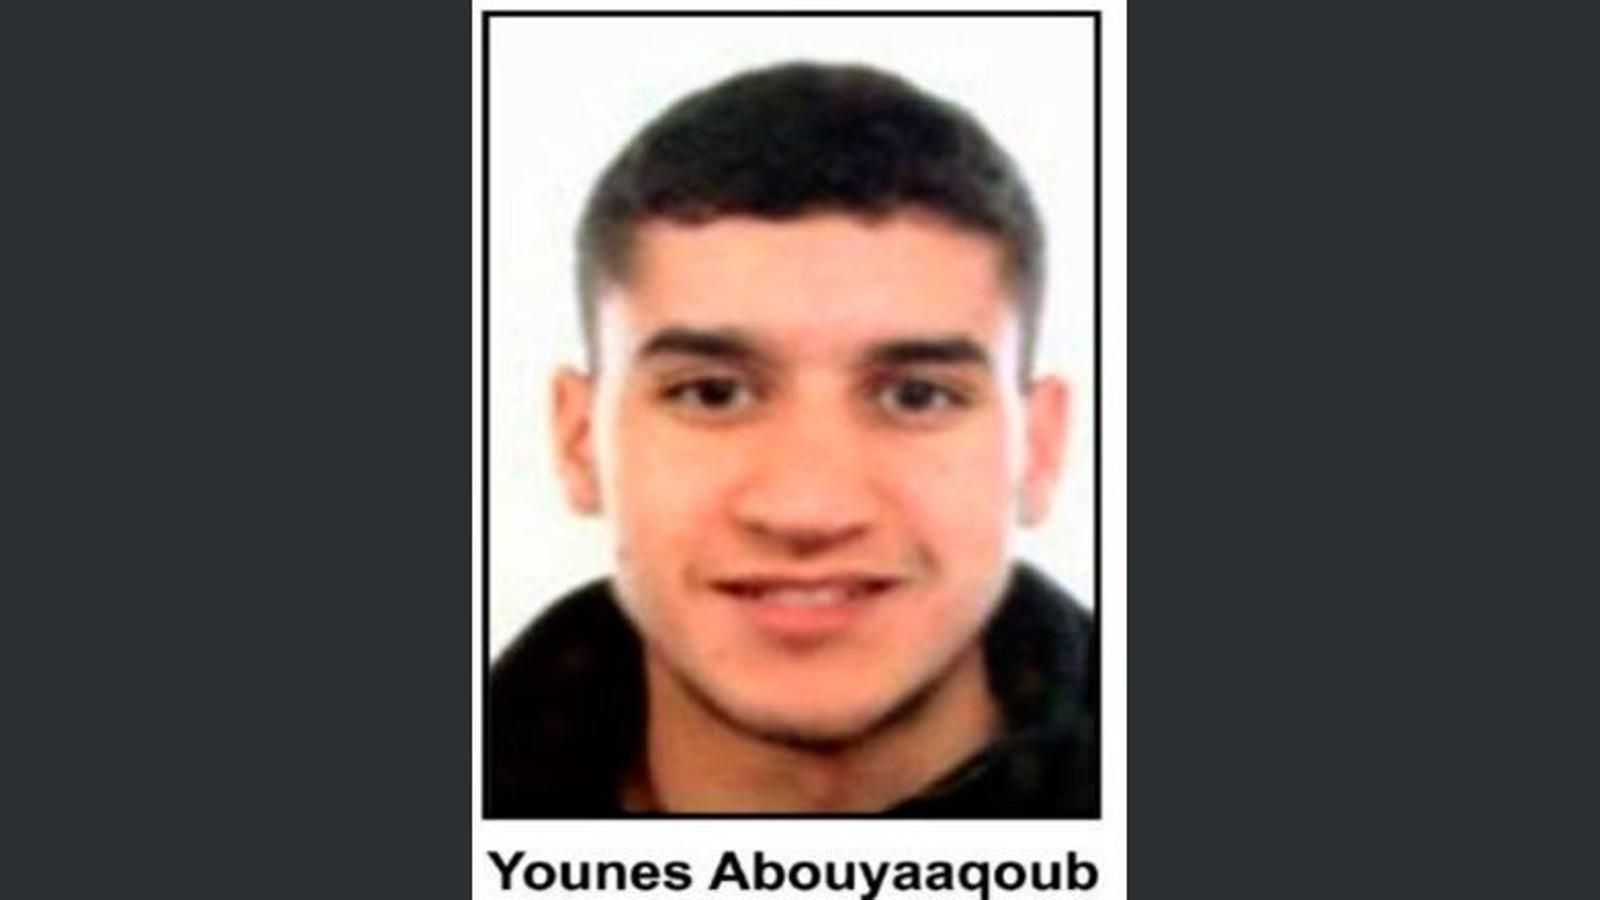 Els Mossos busquen Younes Abouyaaqoub, l'únic membre de la cèl·lula terrorista que falta localitzar